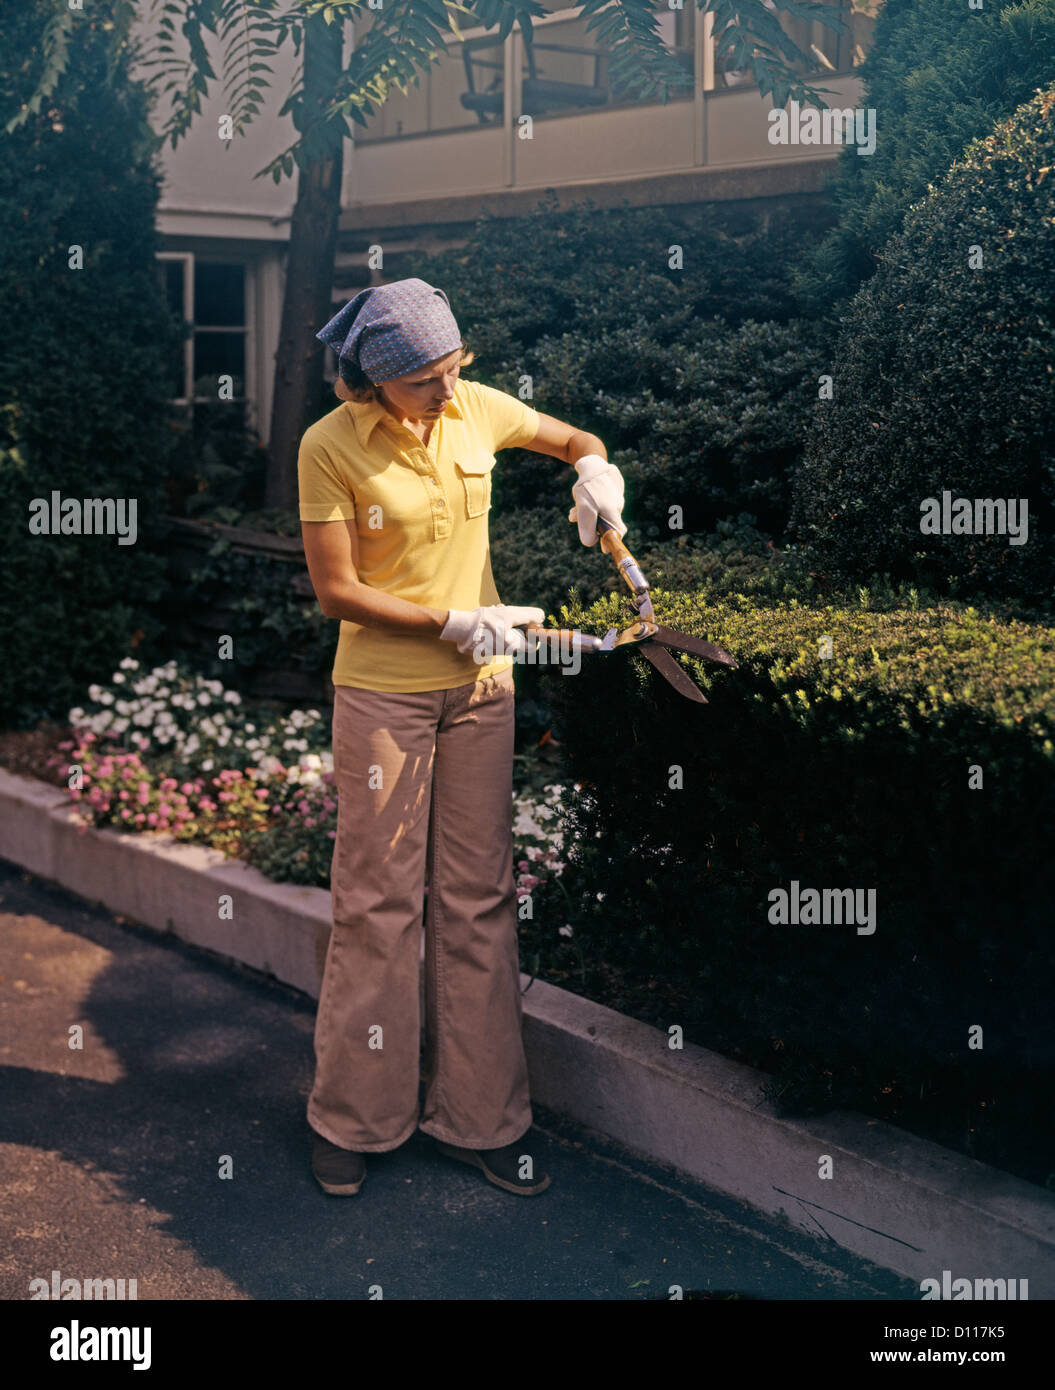 1970 MUJER CON JARDÍN CLIPPERS recortar setos de boj vistiendo BELLBOTTOMS Imagen De Stock